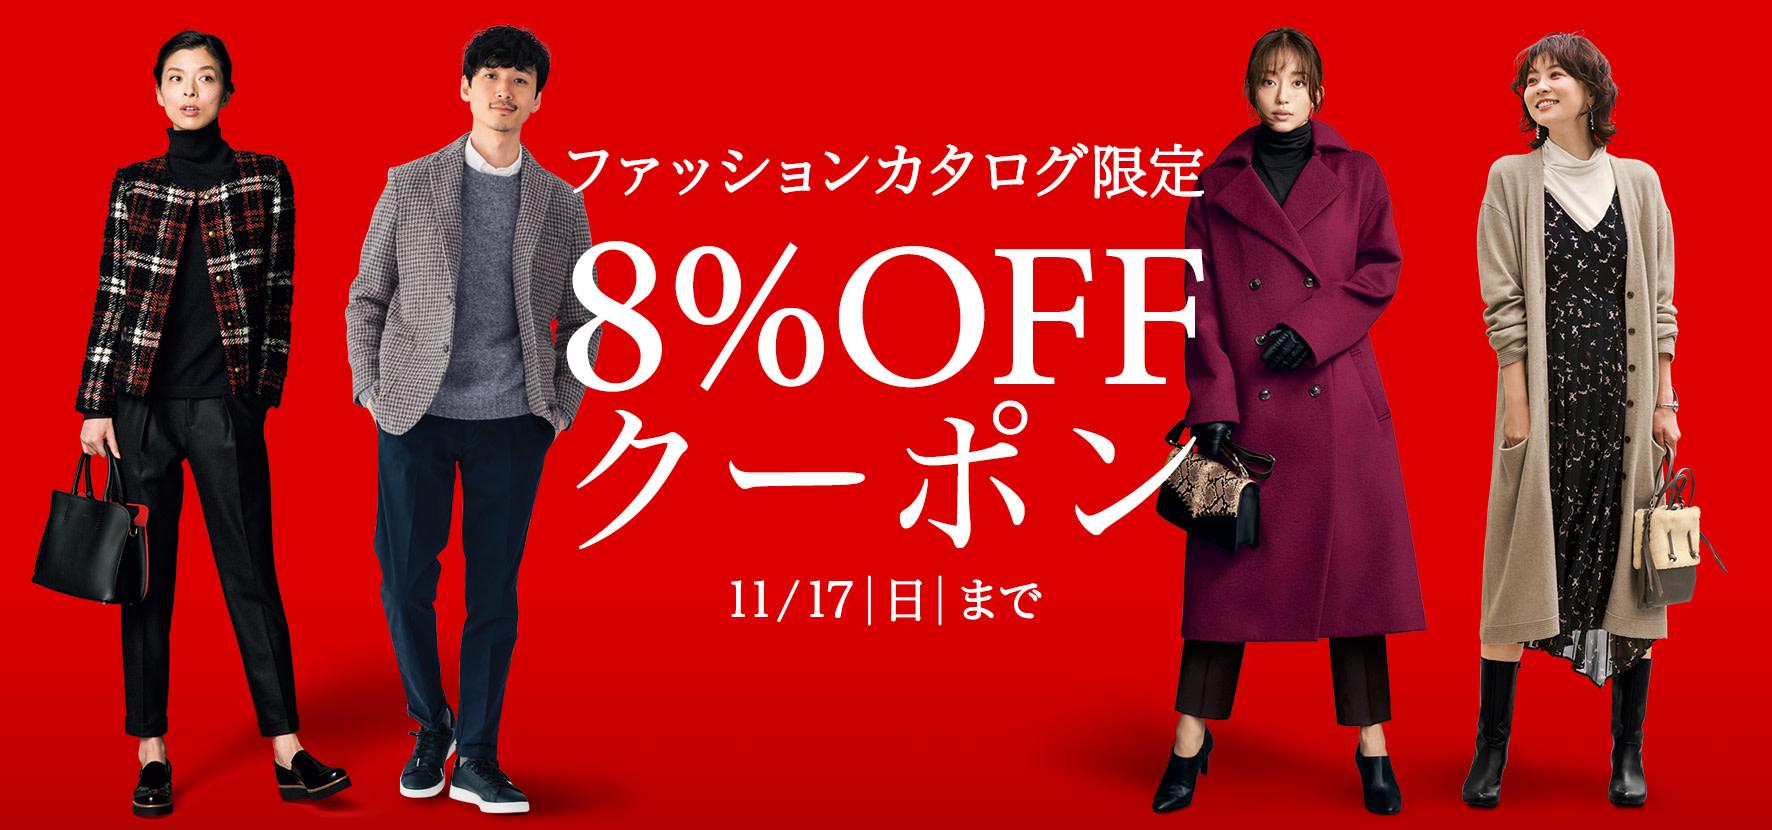 ファッション限定8%OFFクーポンプレゼント